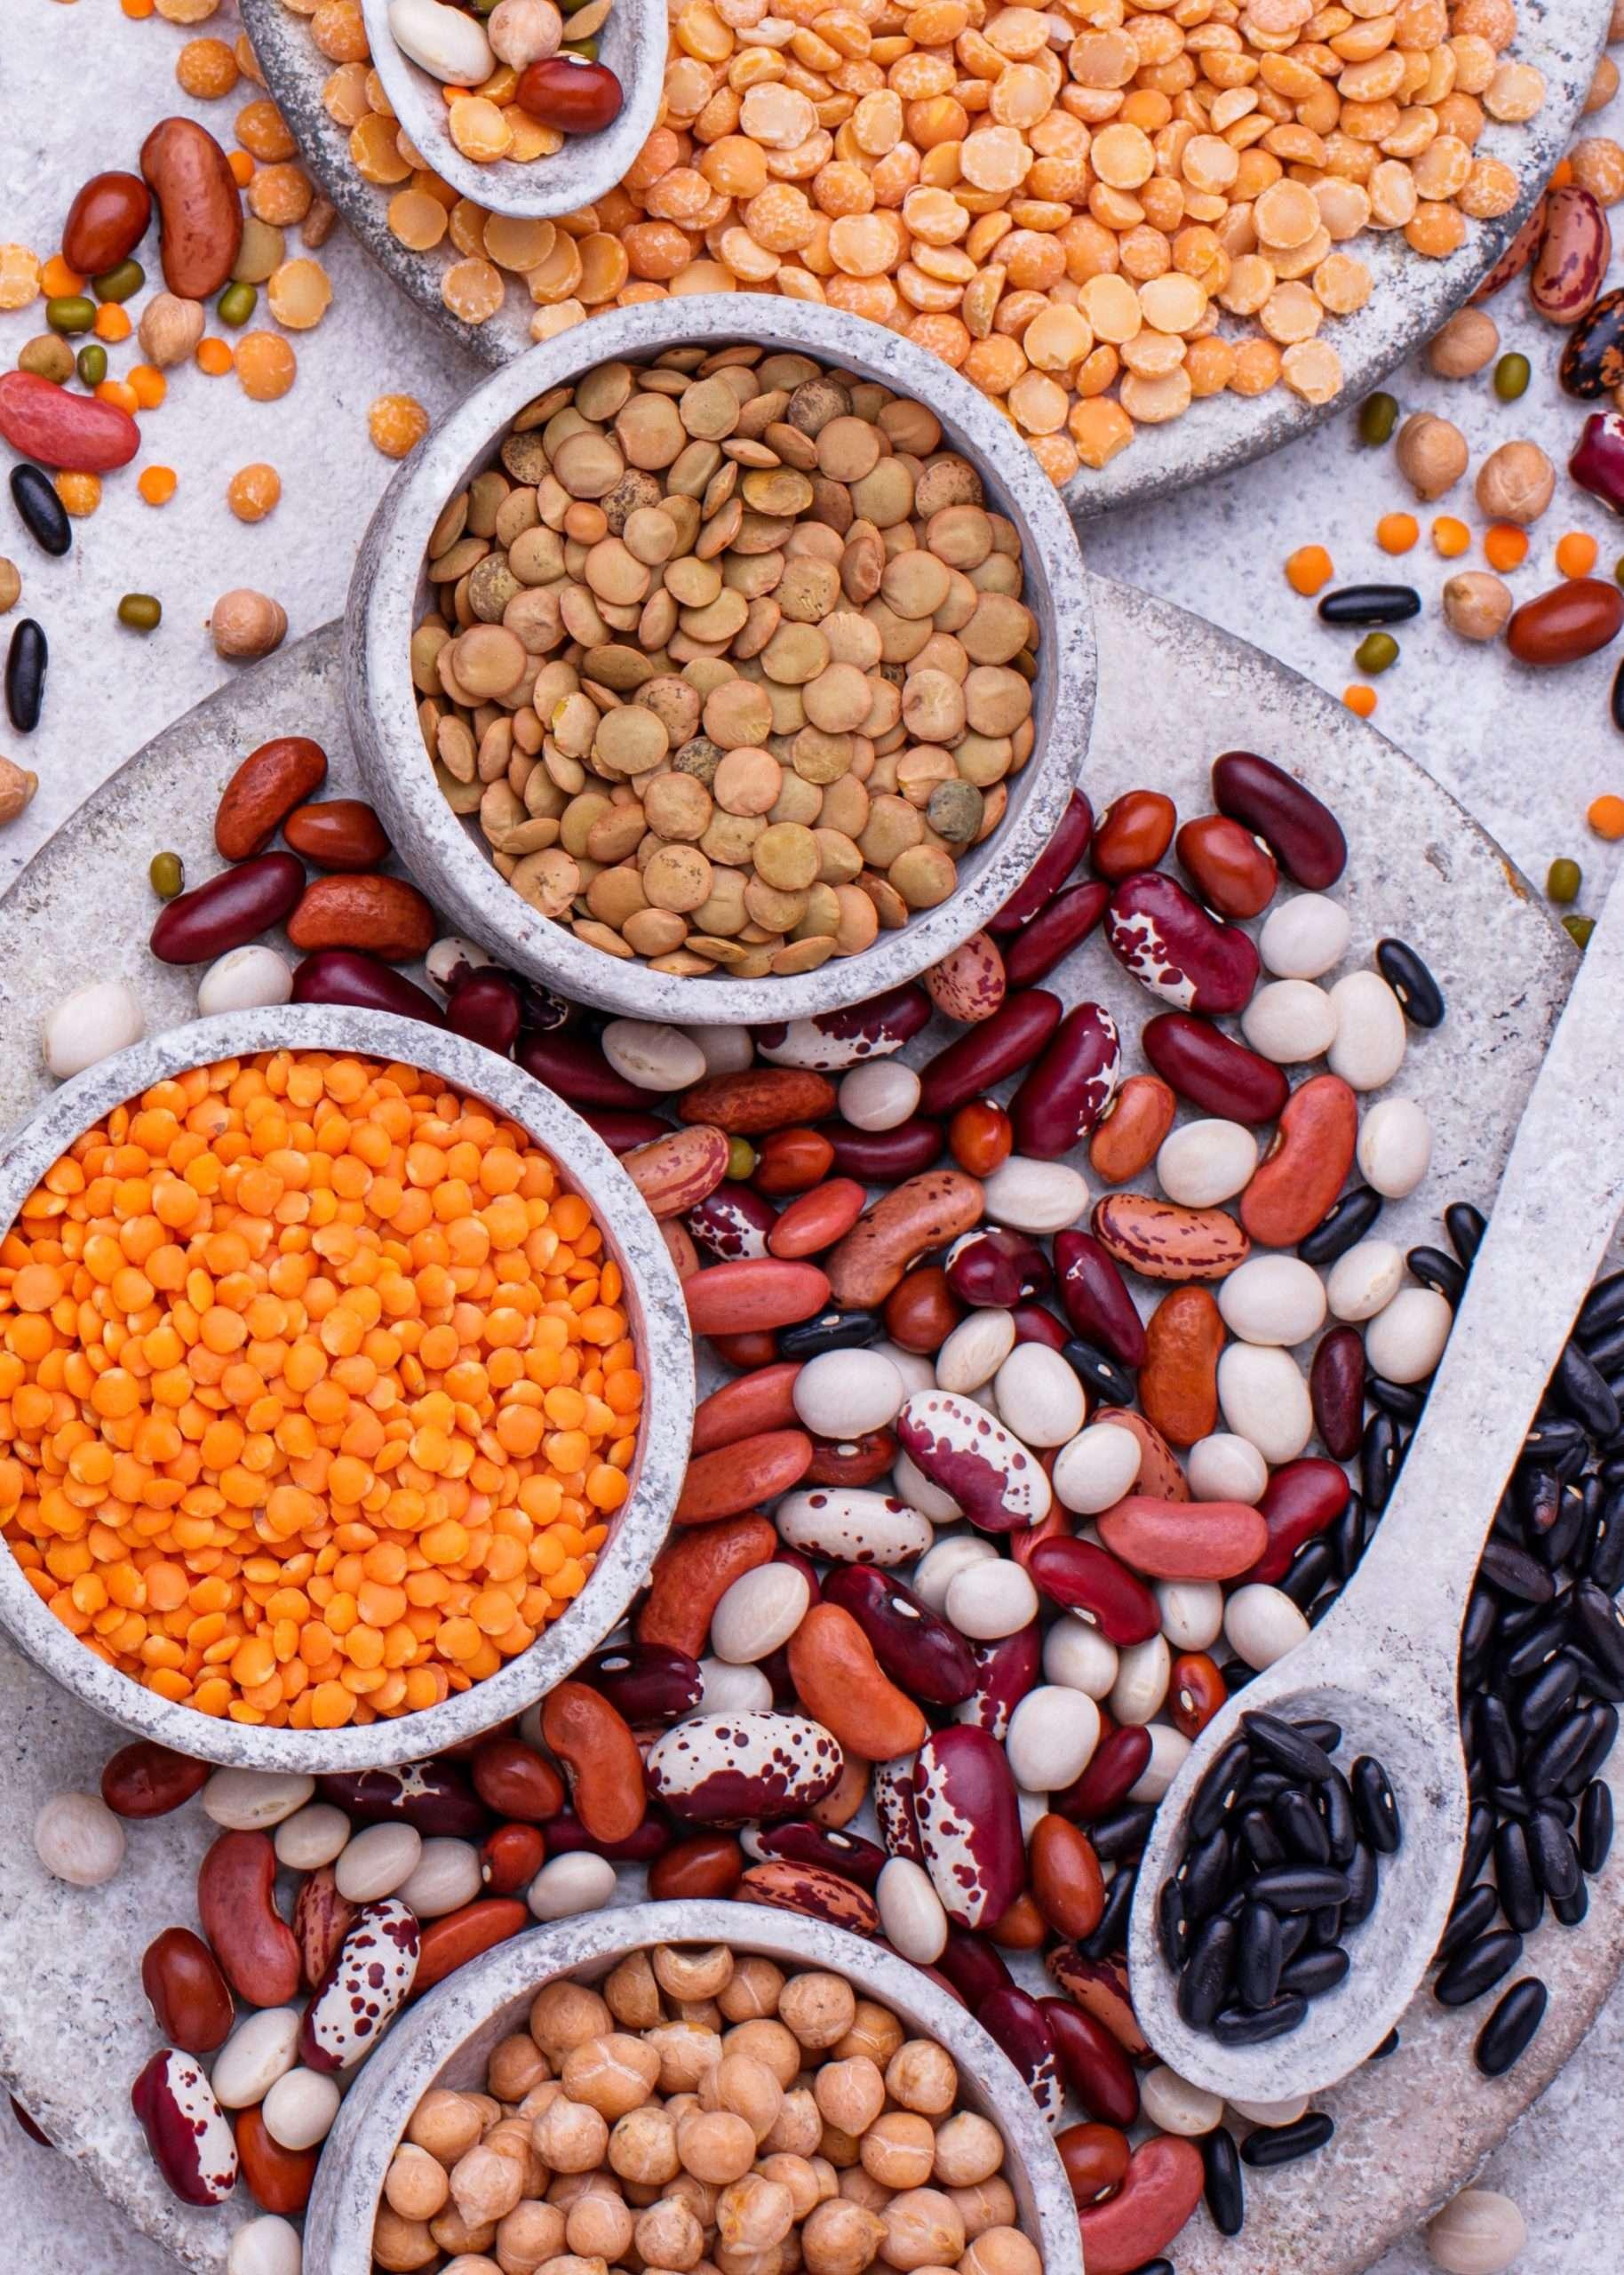 un plat avec plusieurs legumes secs comme les haricots, les pois cassés et les lentilles